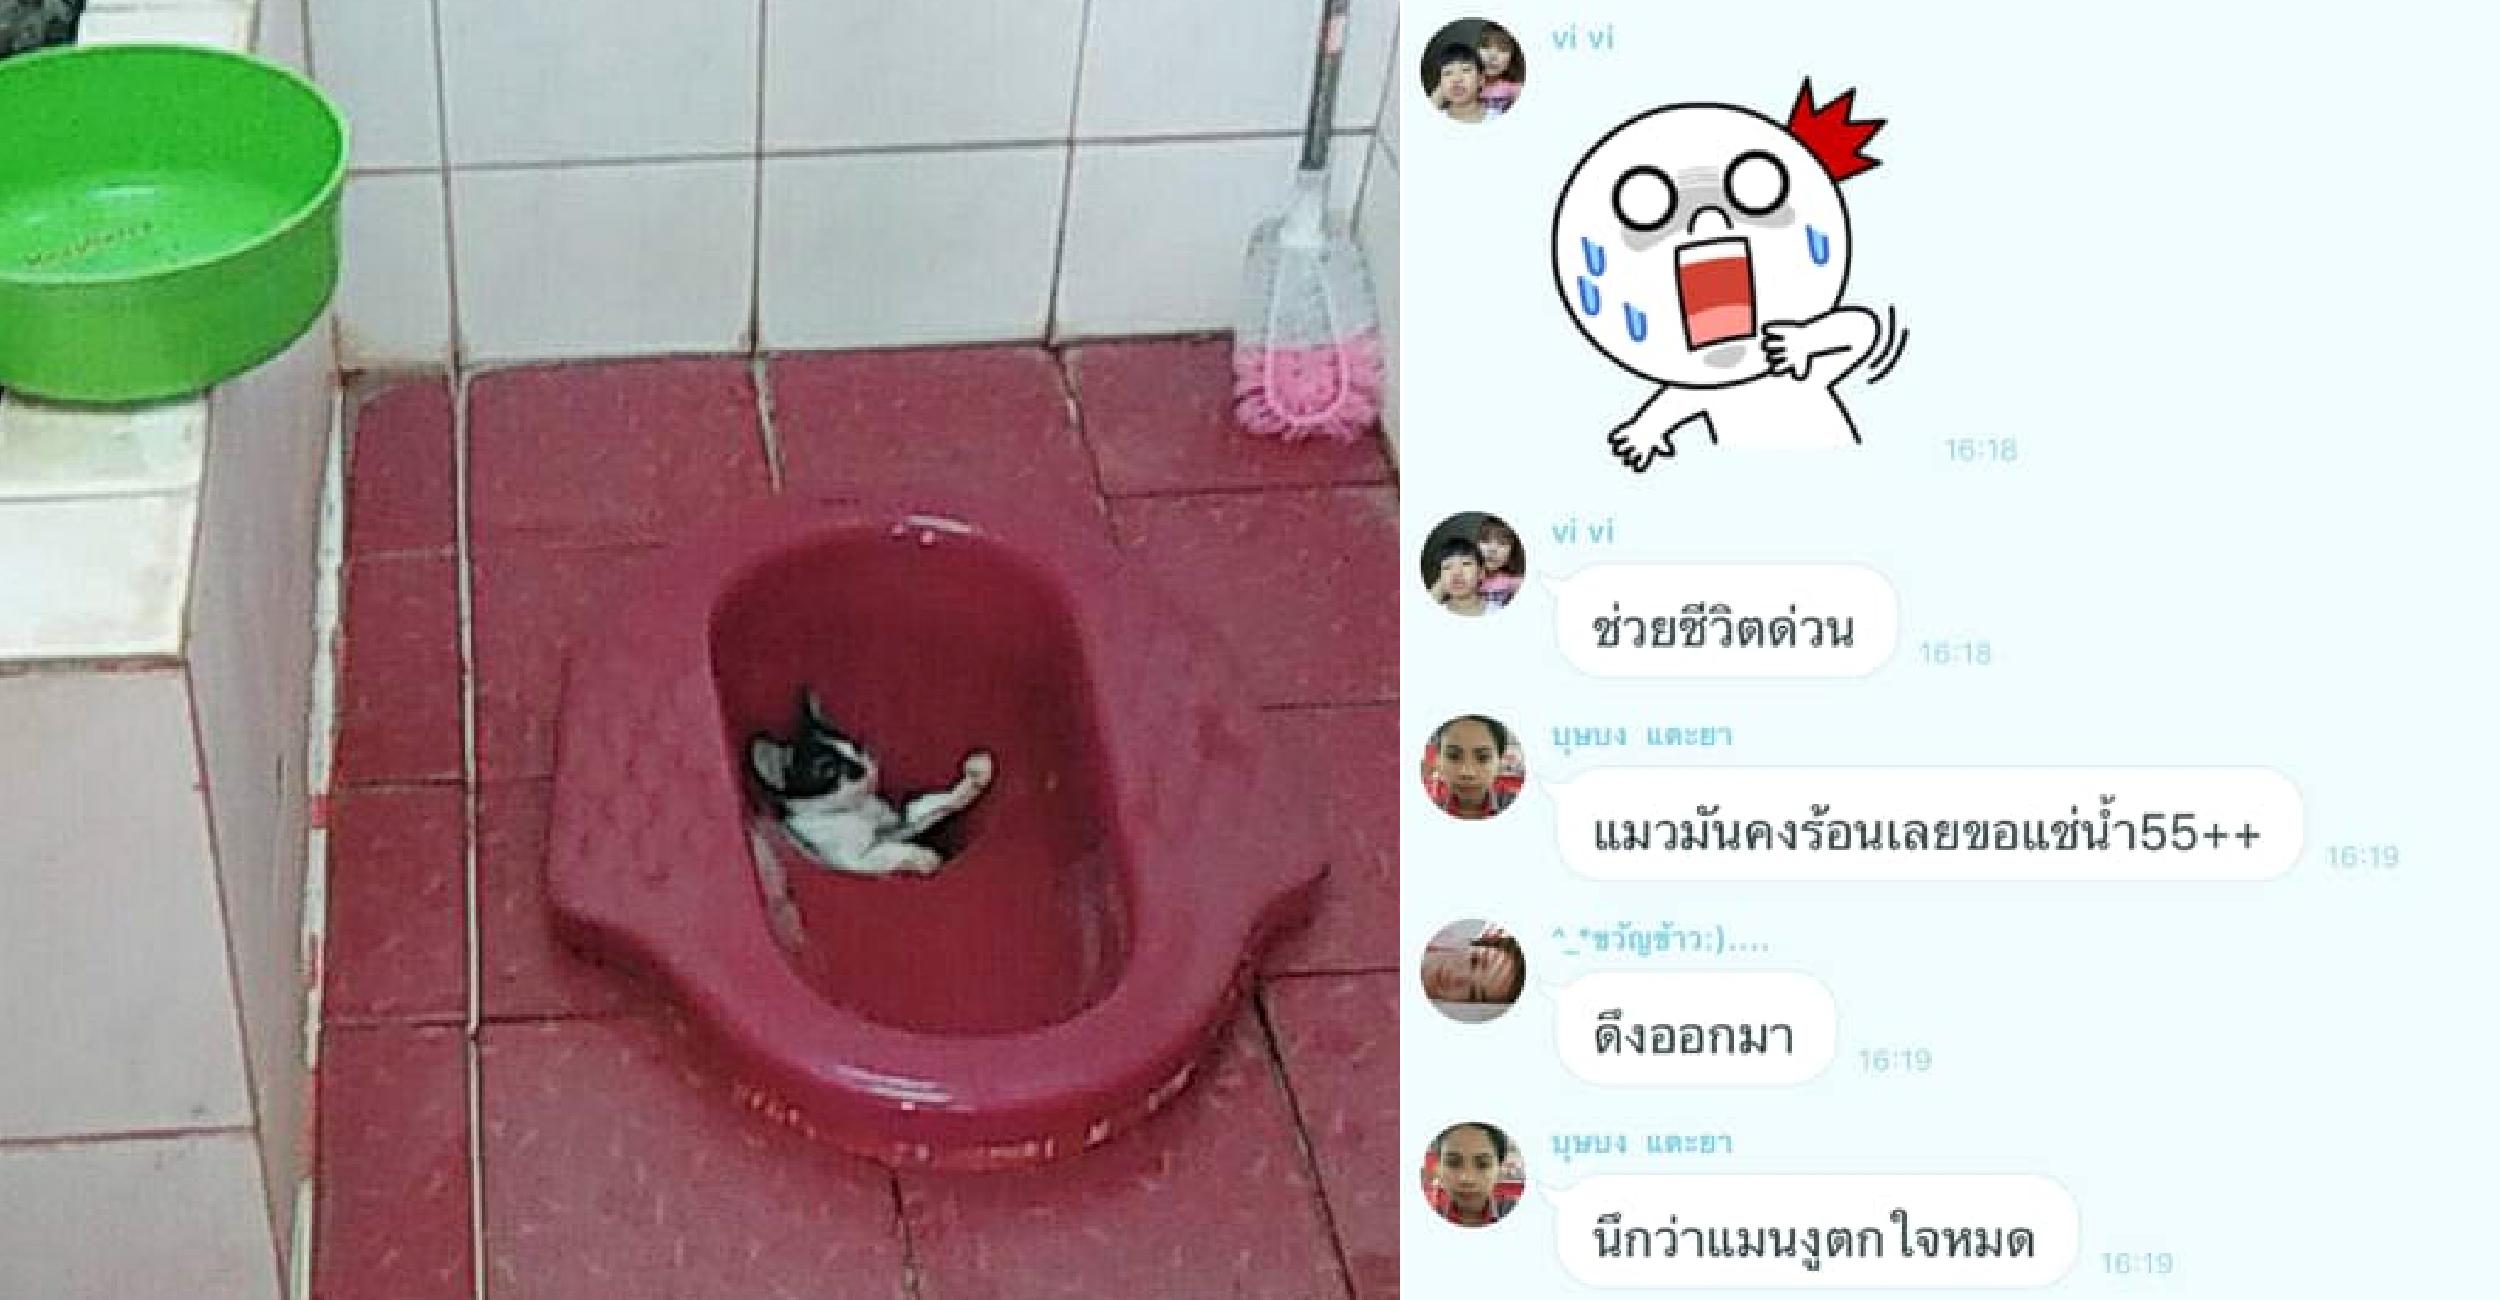 ลูกแมวพลาดตกส้วมหลุมประหนึ่งแช่ออนเซ็น แต่ชาวเนตมองต่างมุมบอกอันตรายไม่น้อย